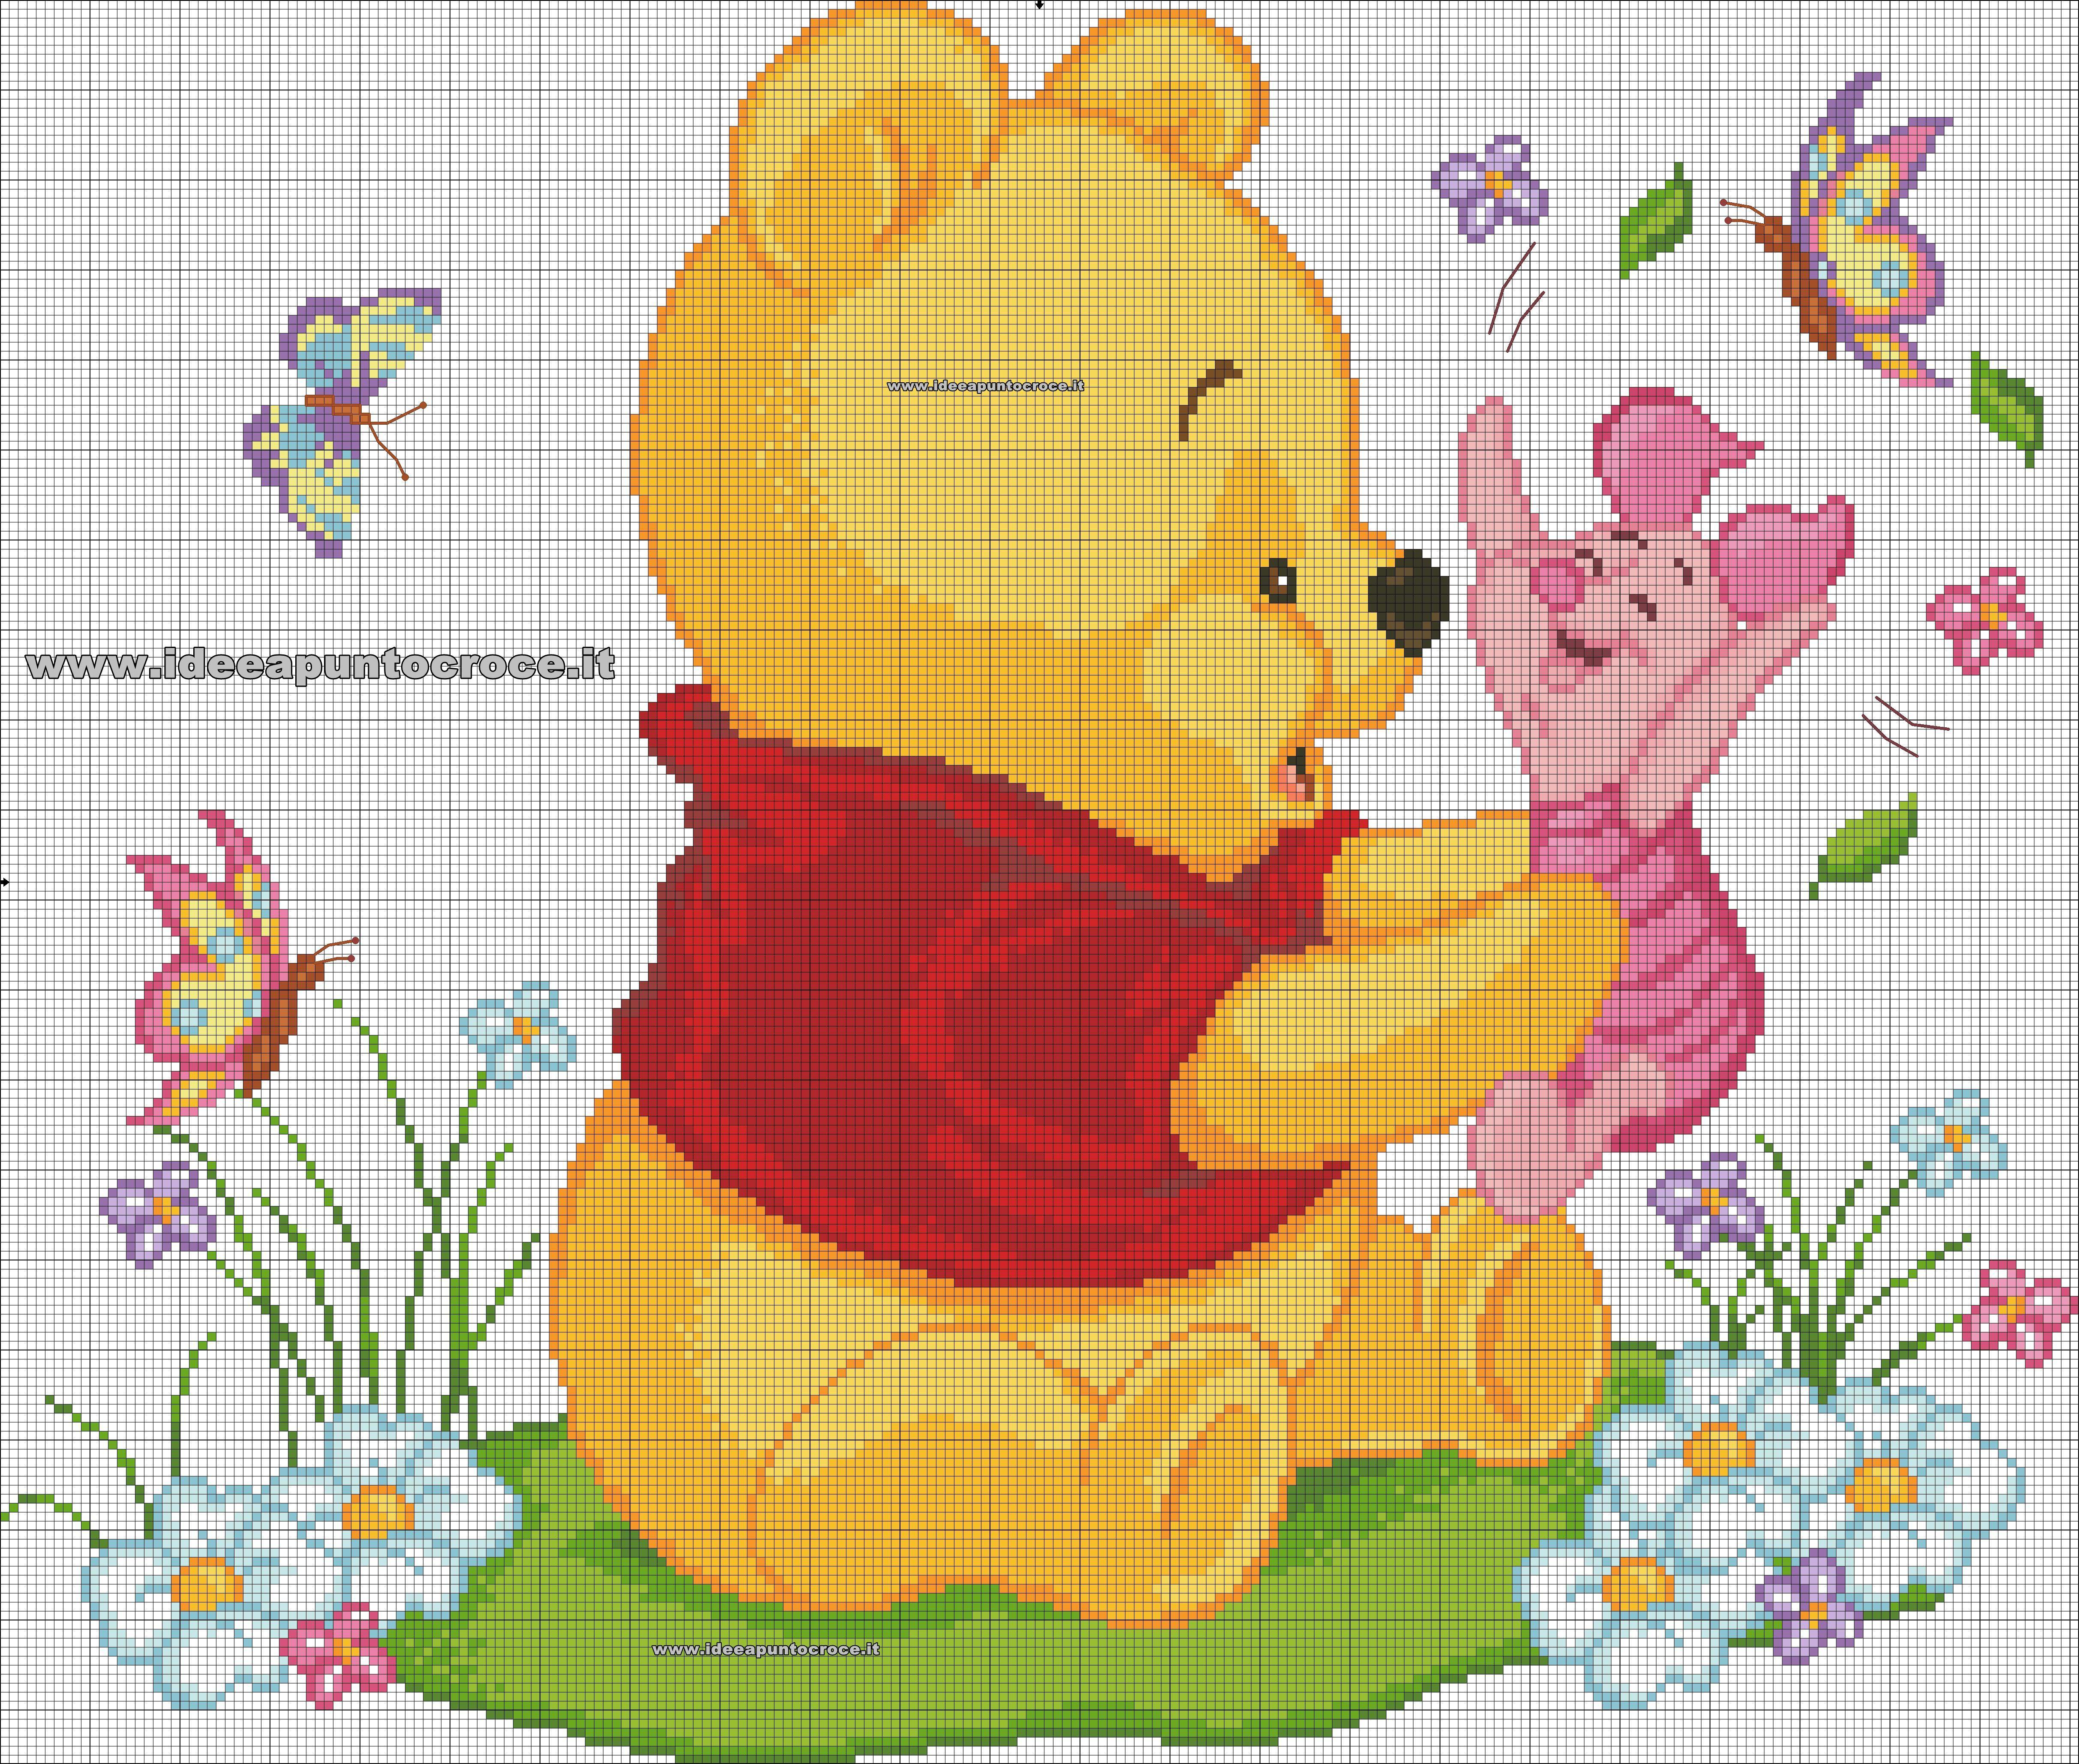 Schema punto croce winnie the pooh dessin letras em for Winnie the pooh punto croce schemi